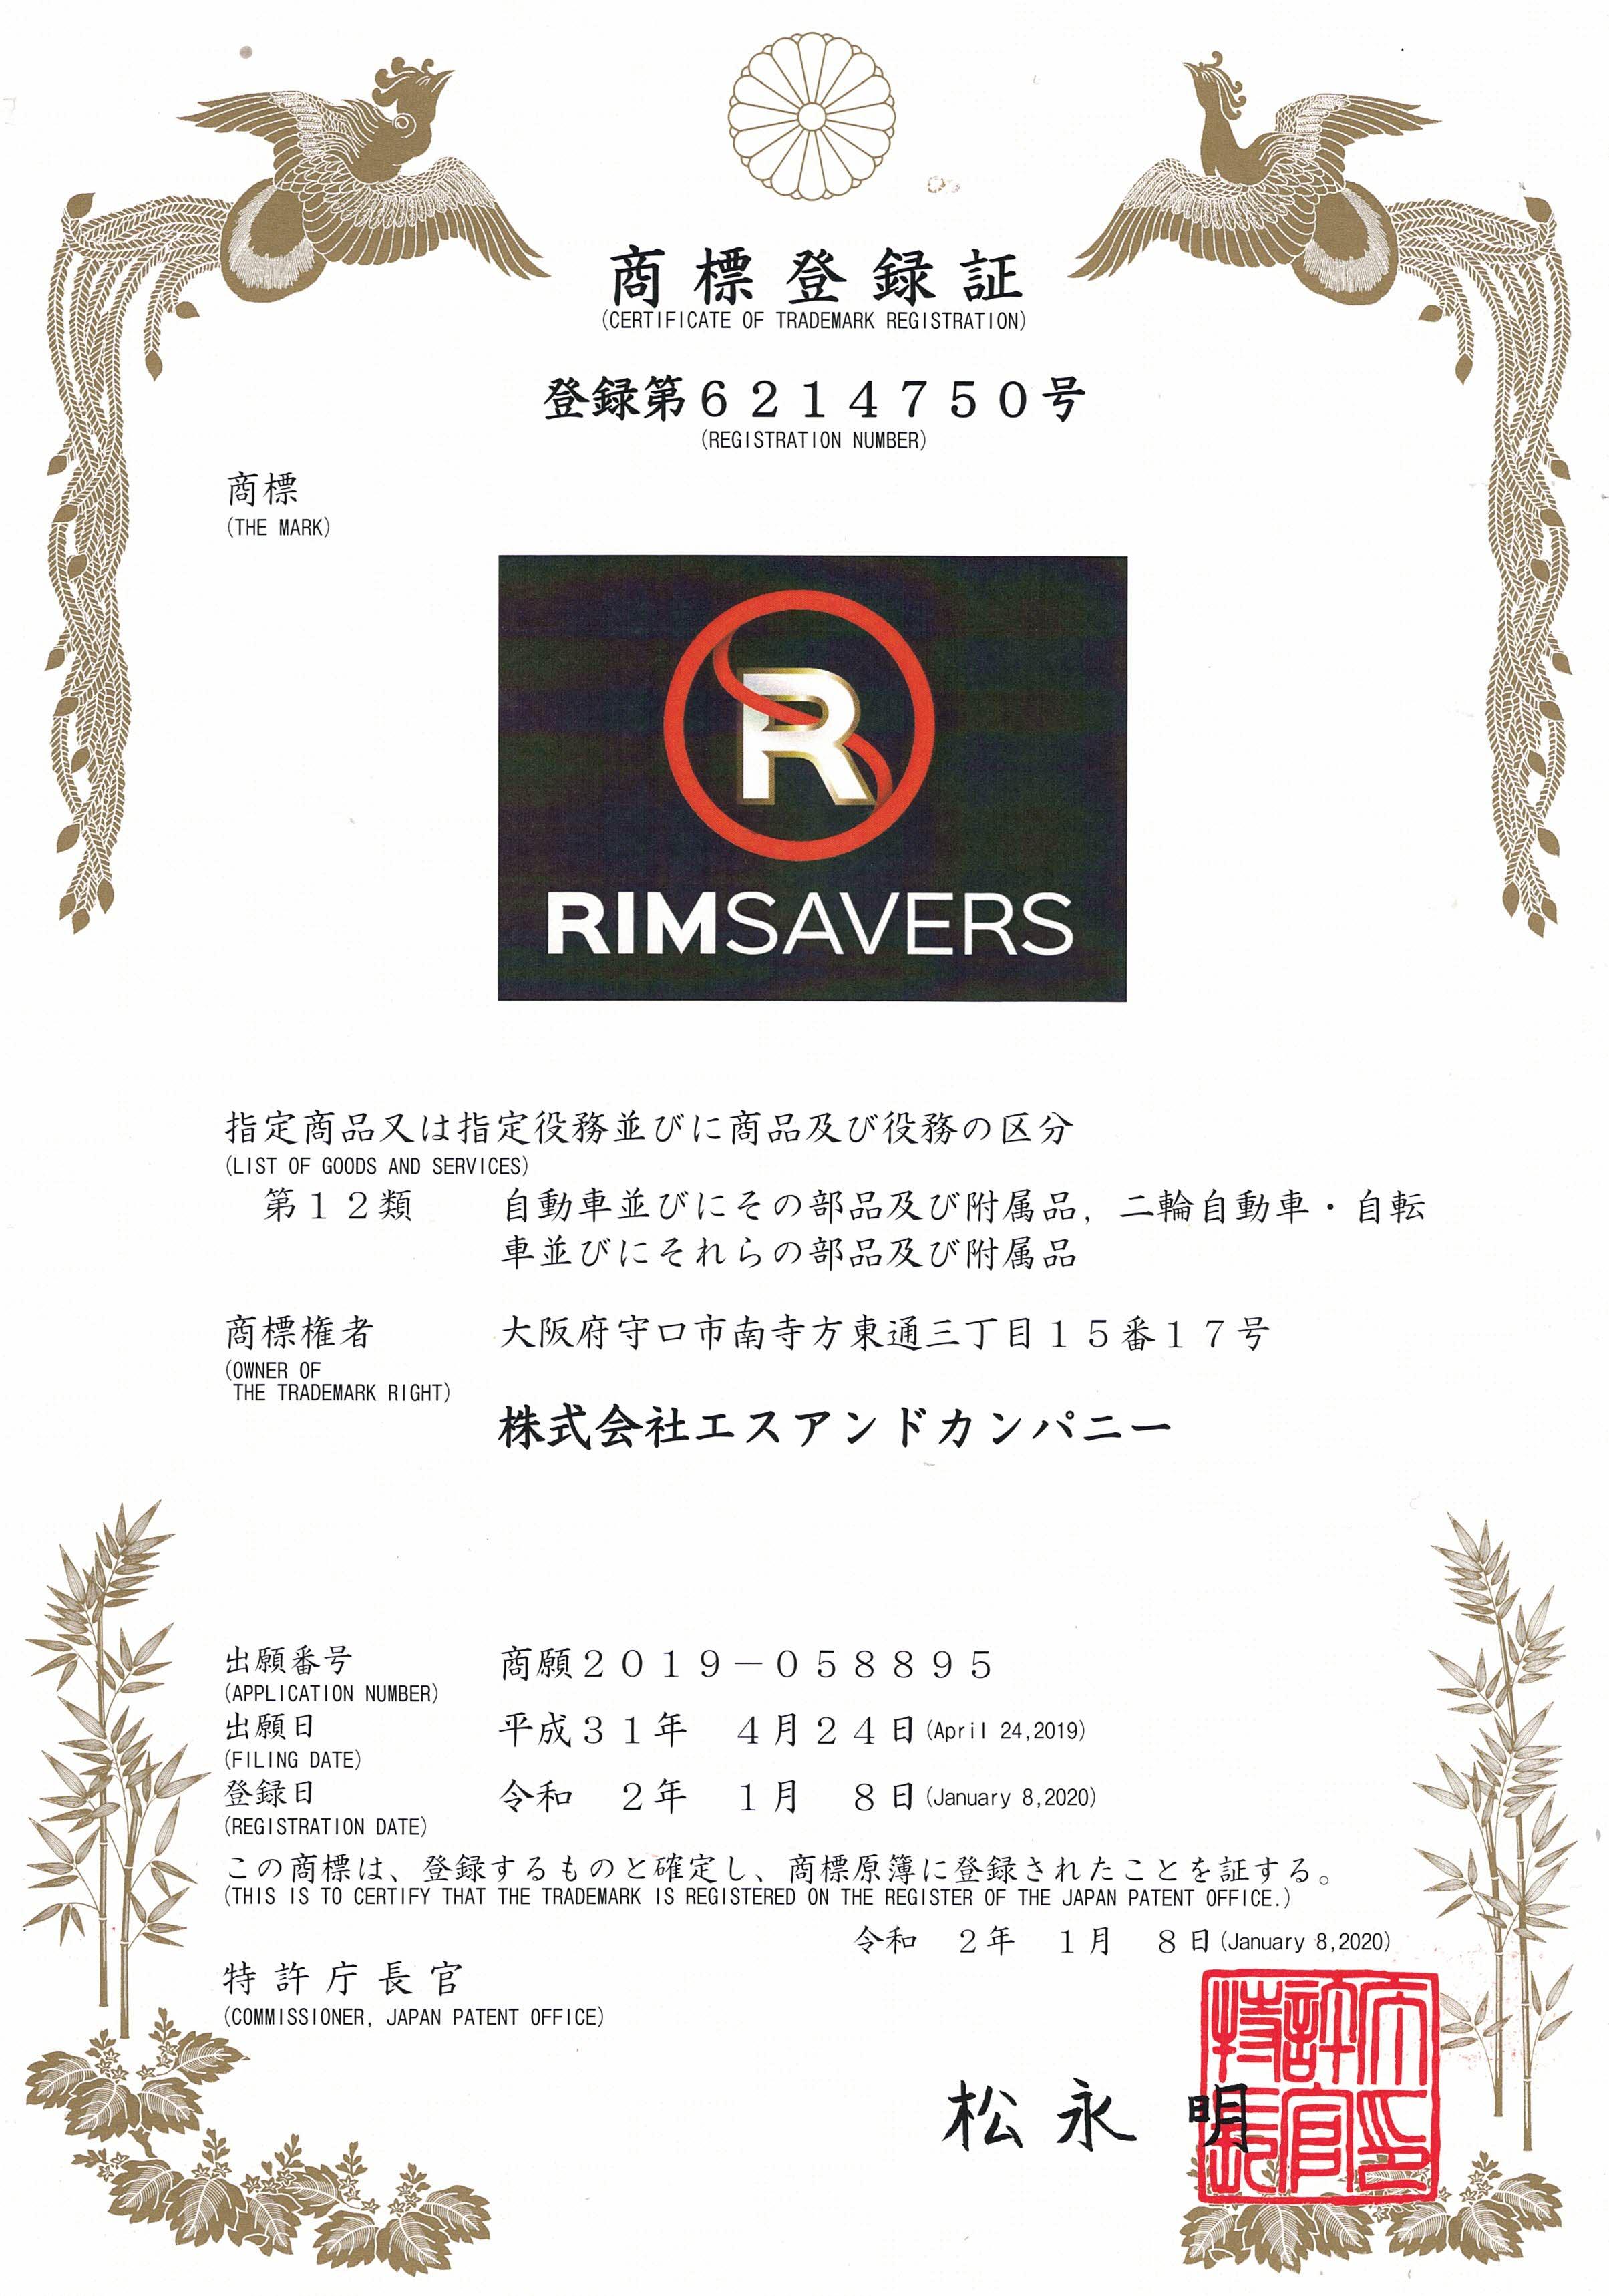 商標登録証 RIM SAVERS